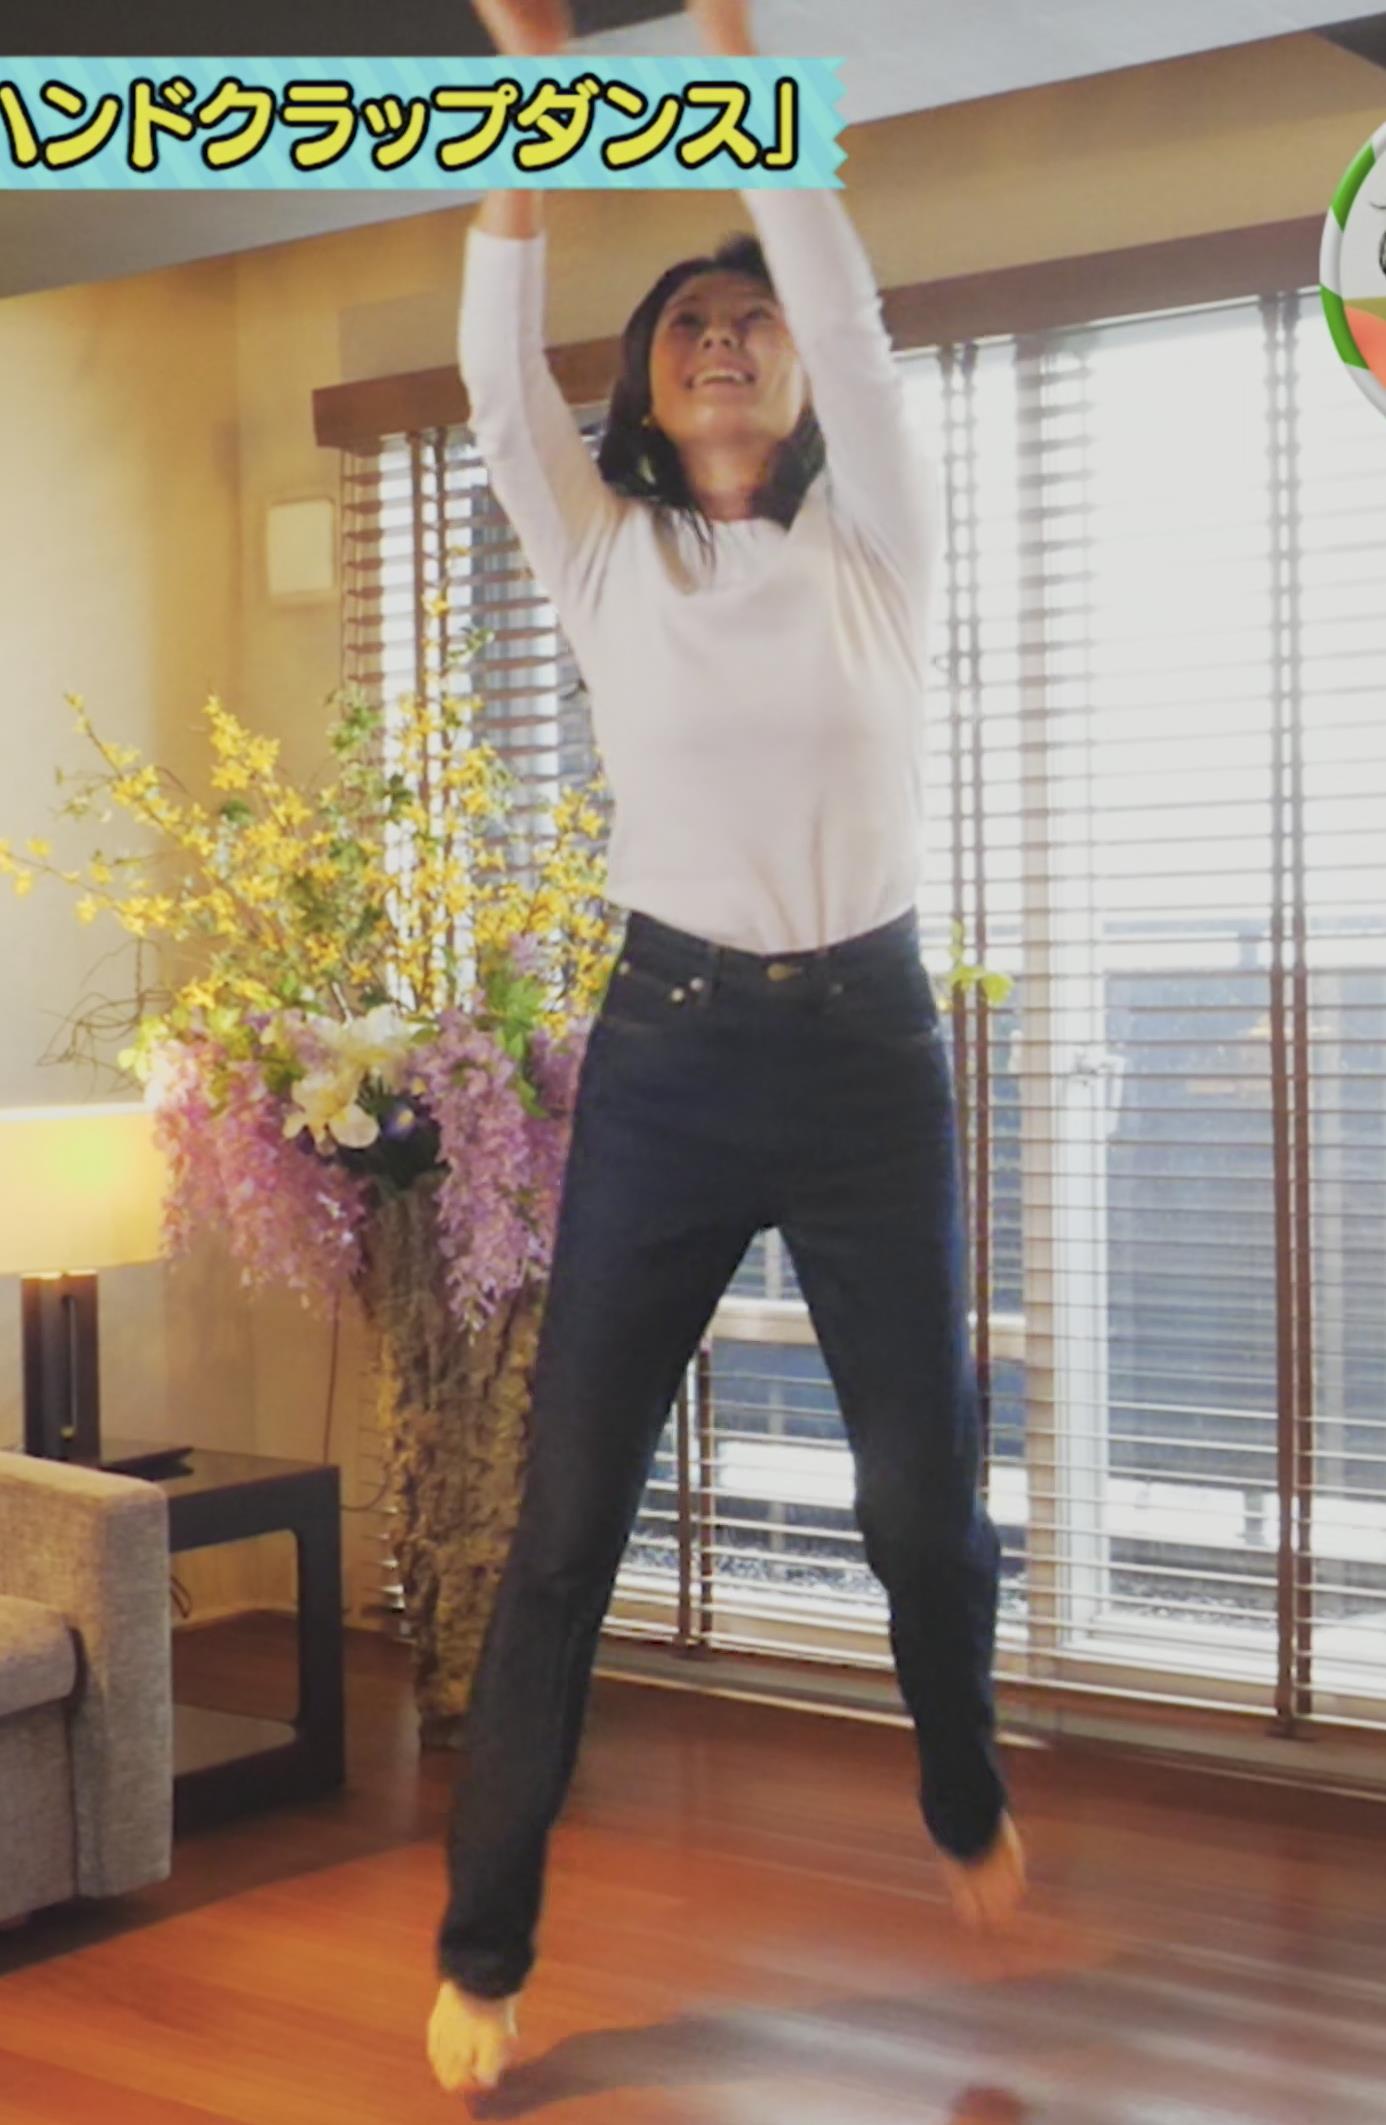 小林由未子アナ 女子アナのセクシーポーズキャプ・エロ画像2